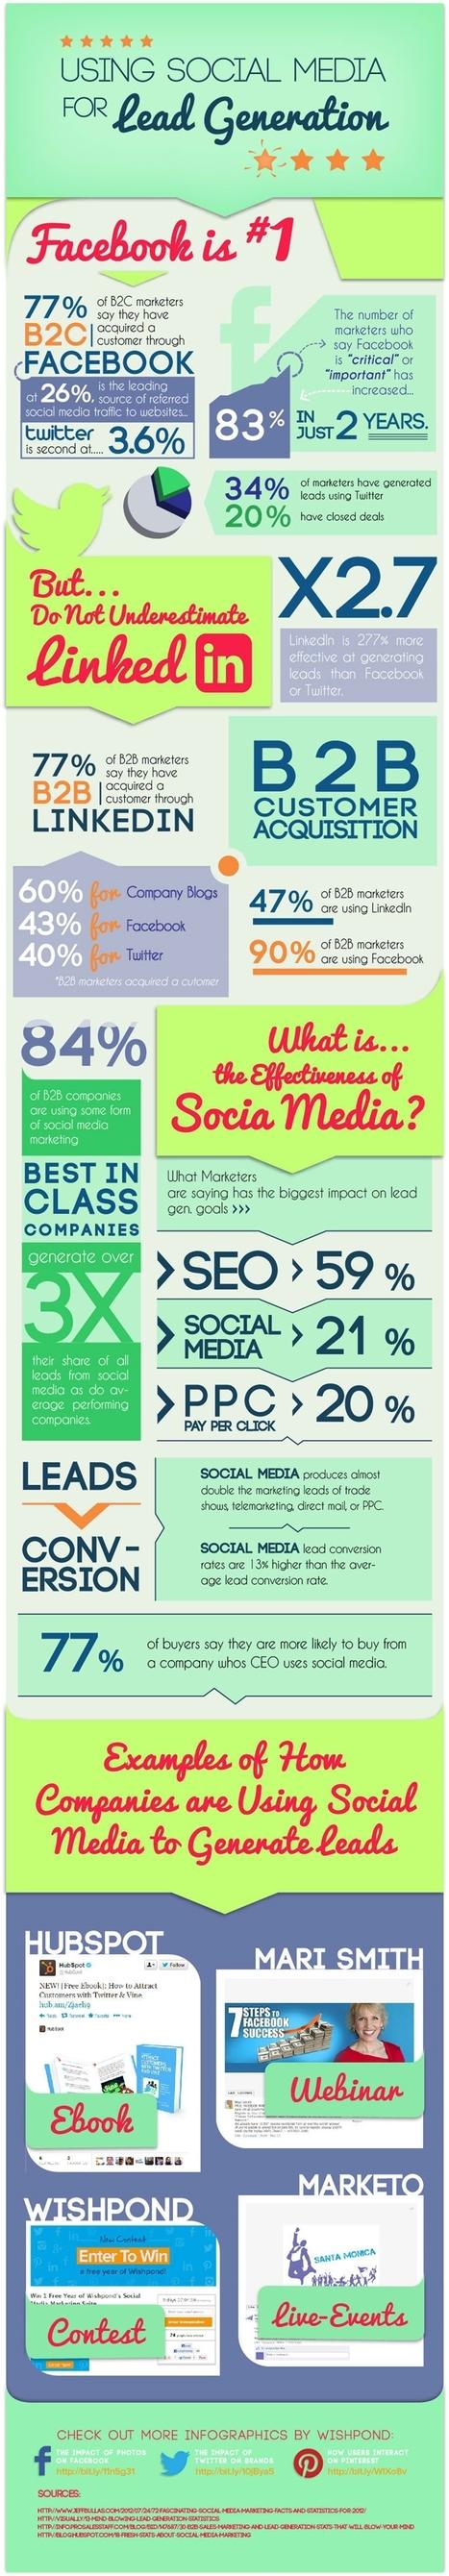 Using Social Media For Lead Generation | Social Media Today | Social Media & Internet Marketing Infographics | Scoop.it